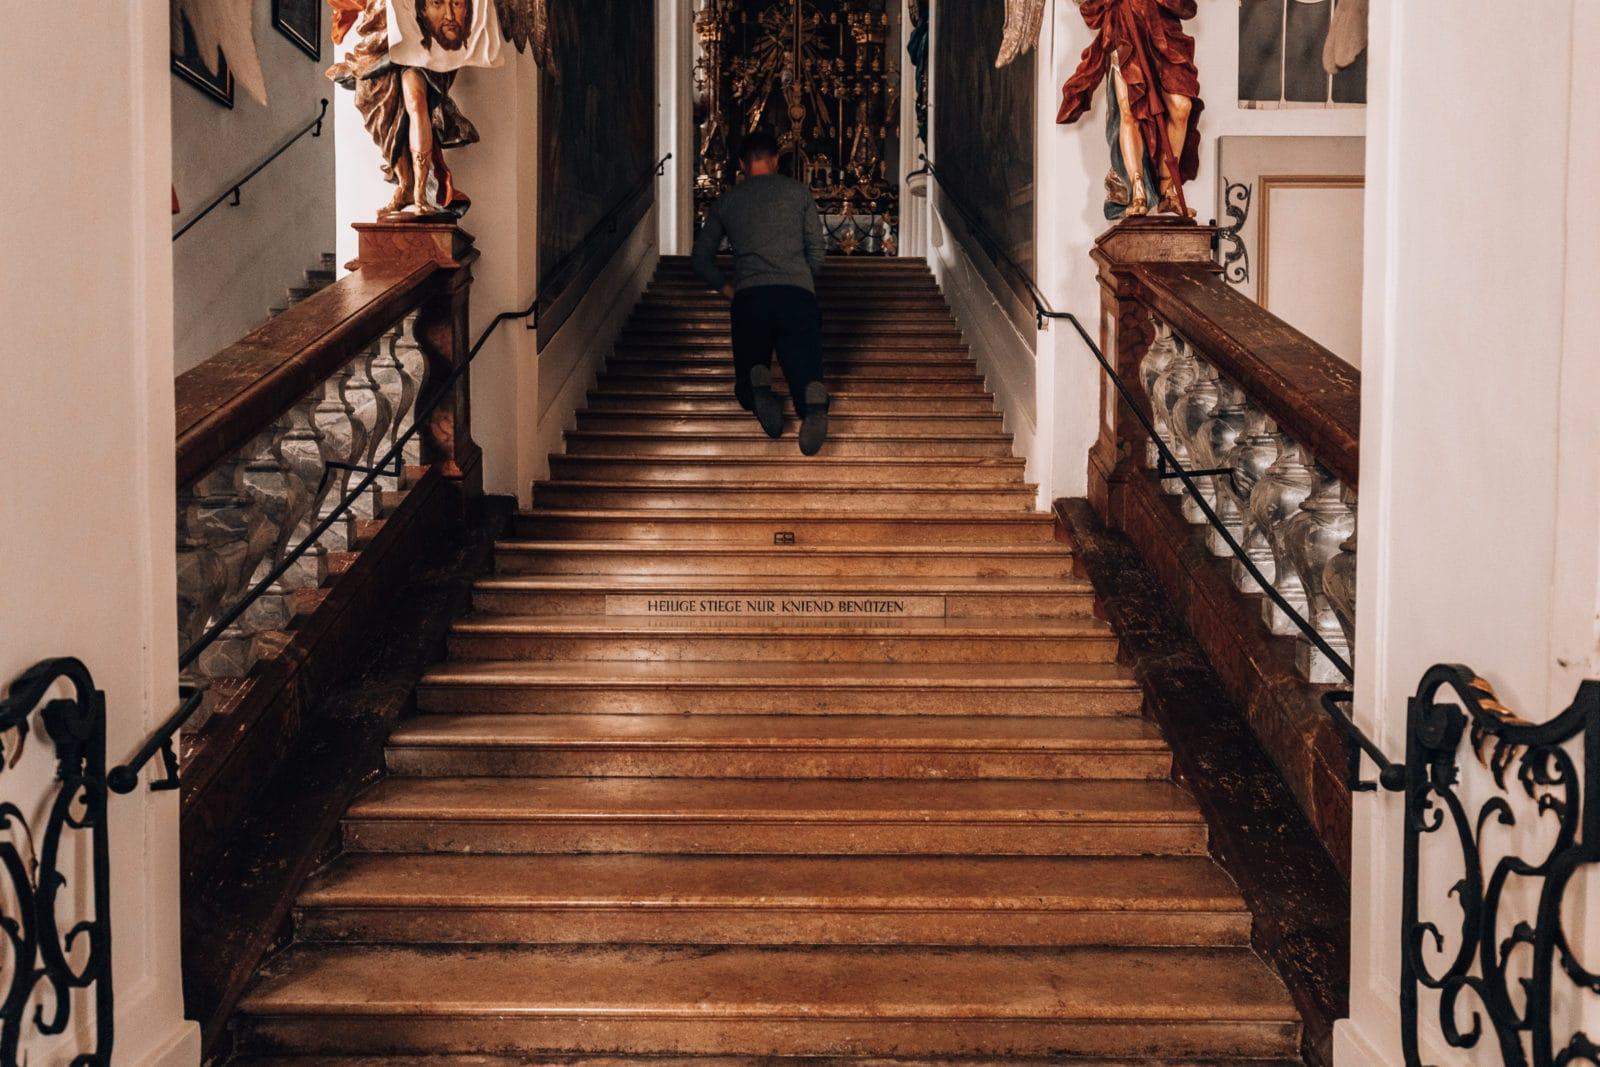 Auf Knien auf der Scala Santa in der Kajetanerkirche in Salzburg